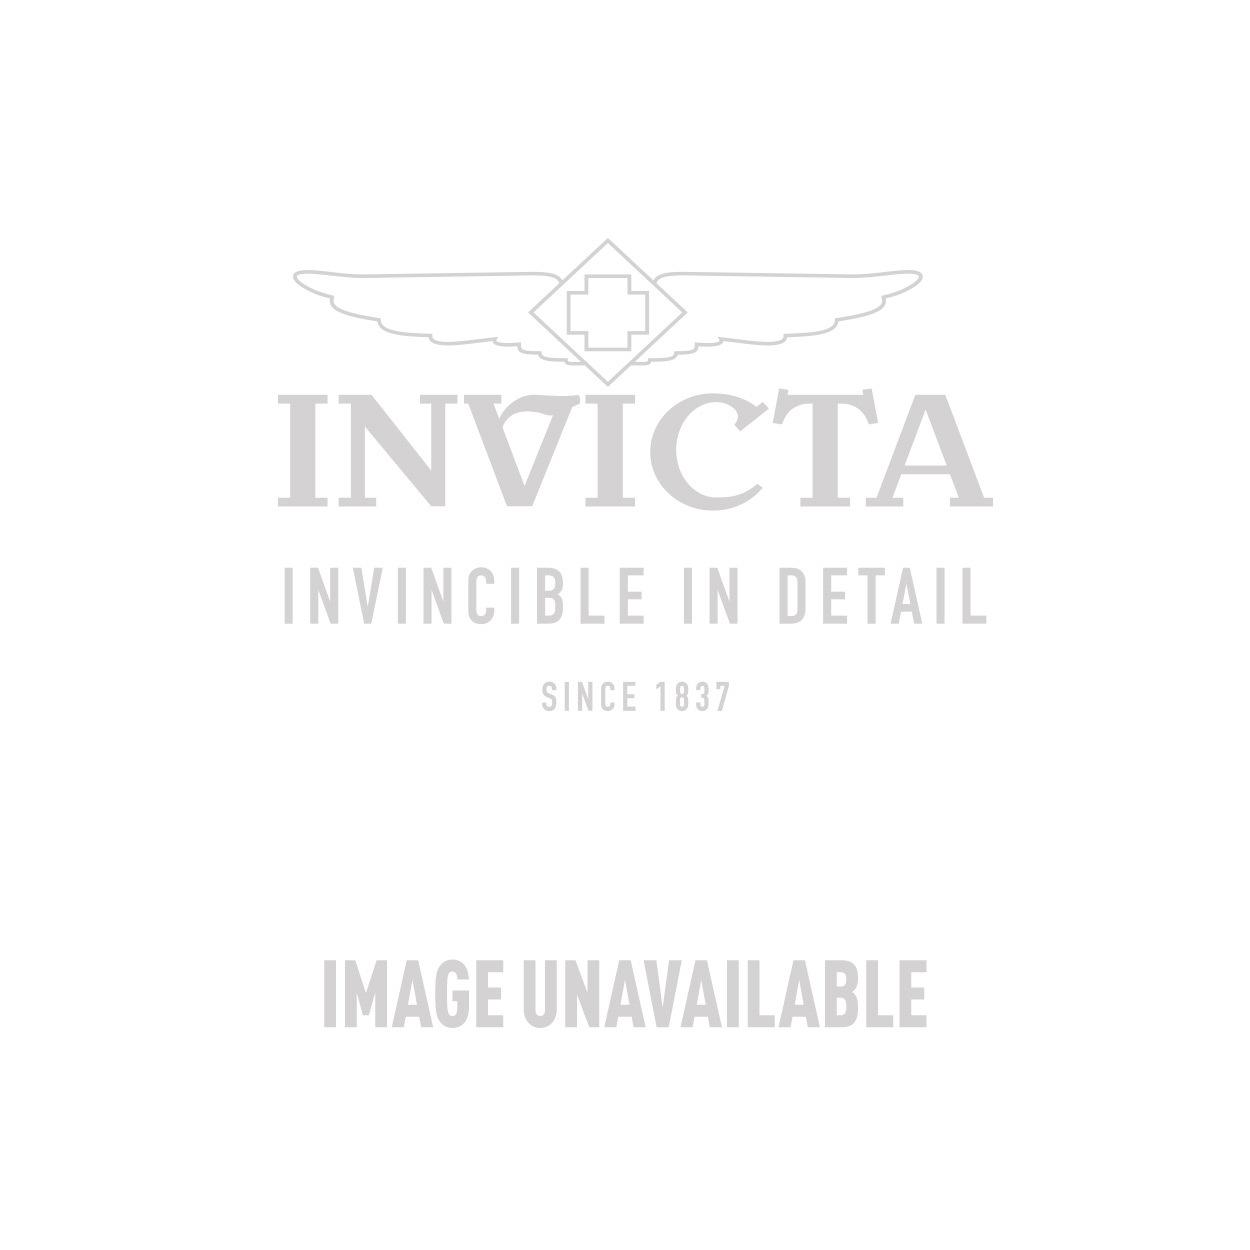 Invicta Model 28826